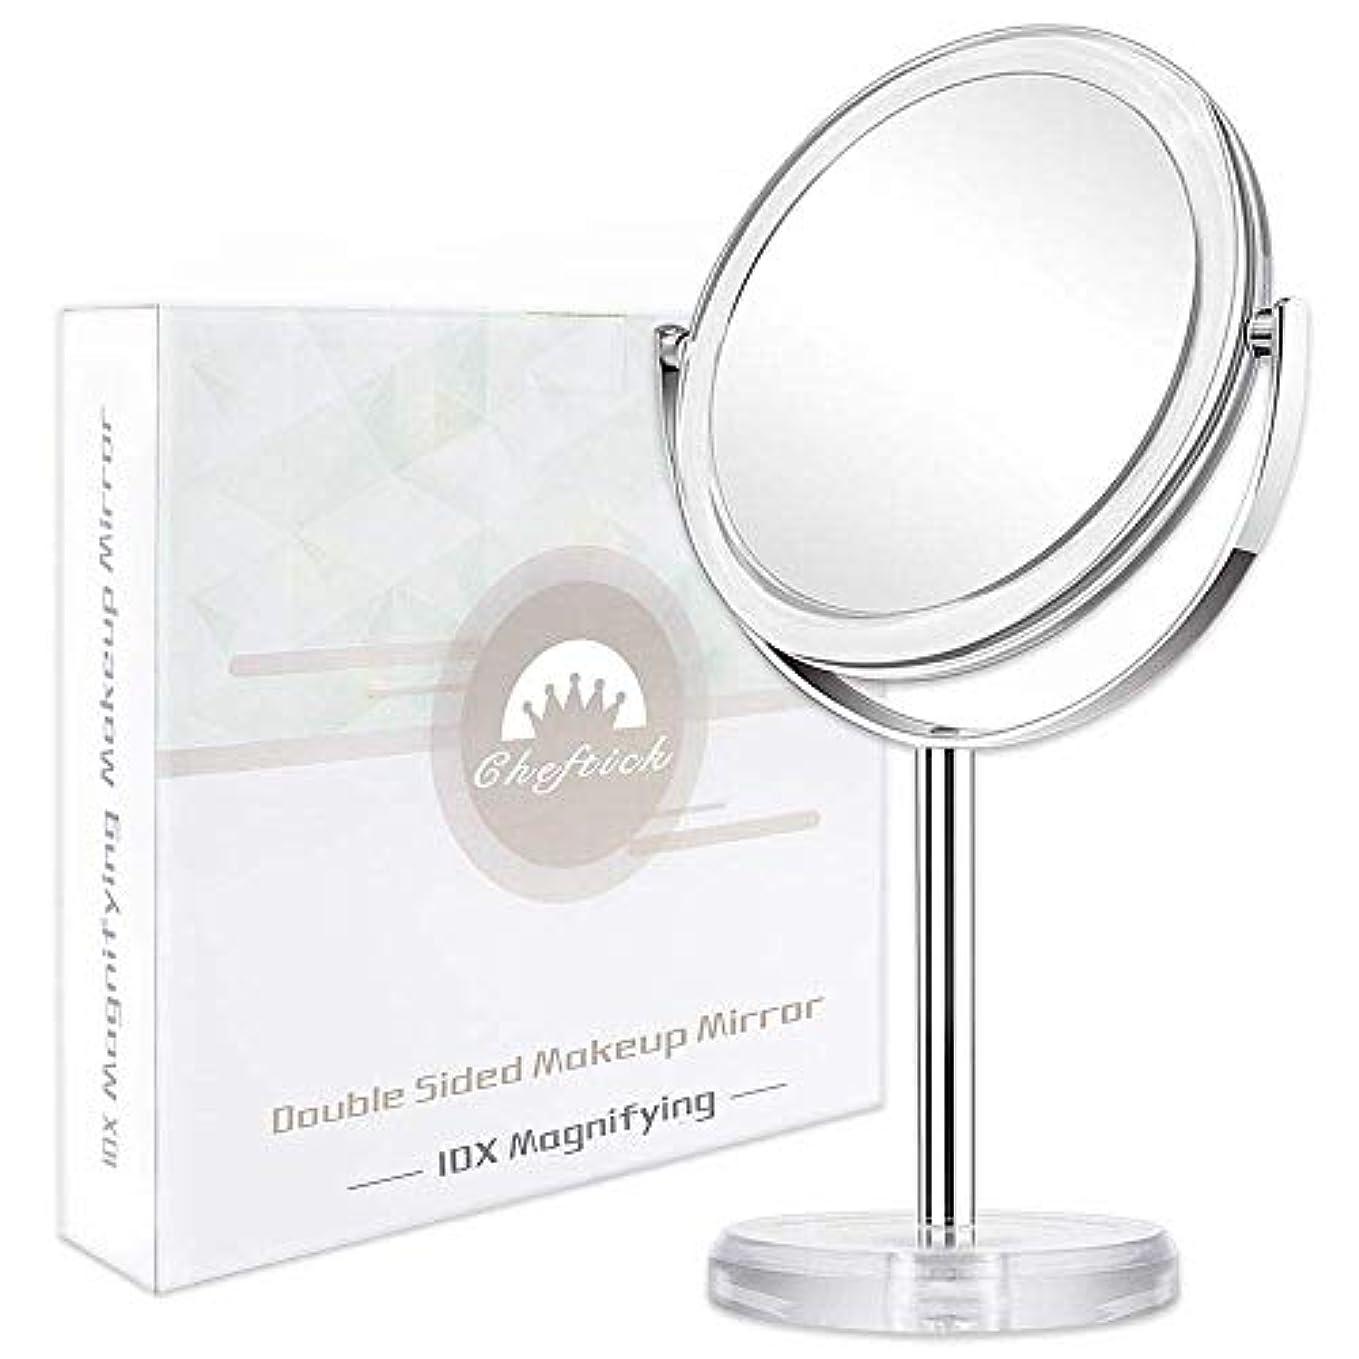 サーバ壊れた分岐するCheftick 10倍&等倍両面鏡 化粧鏡 拡大鏡 スタンドミラー 360°回転 取り外せる